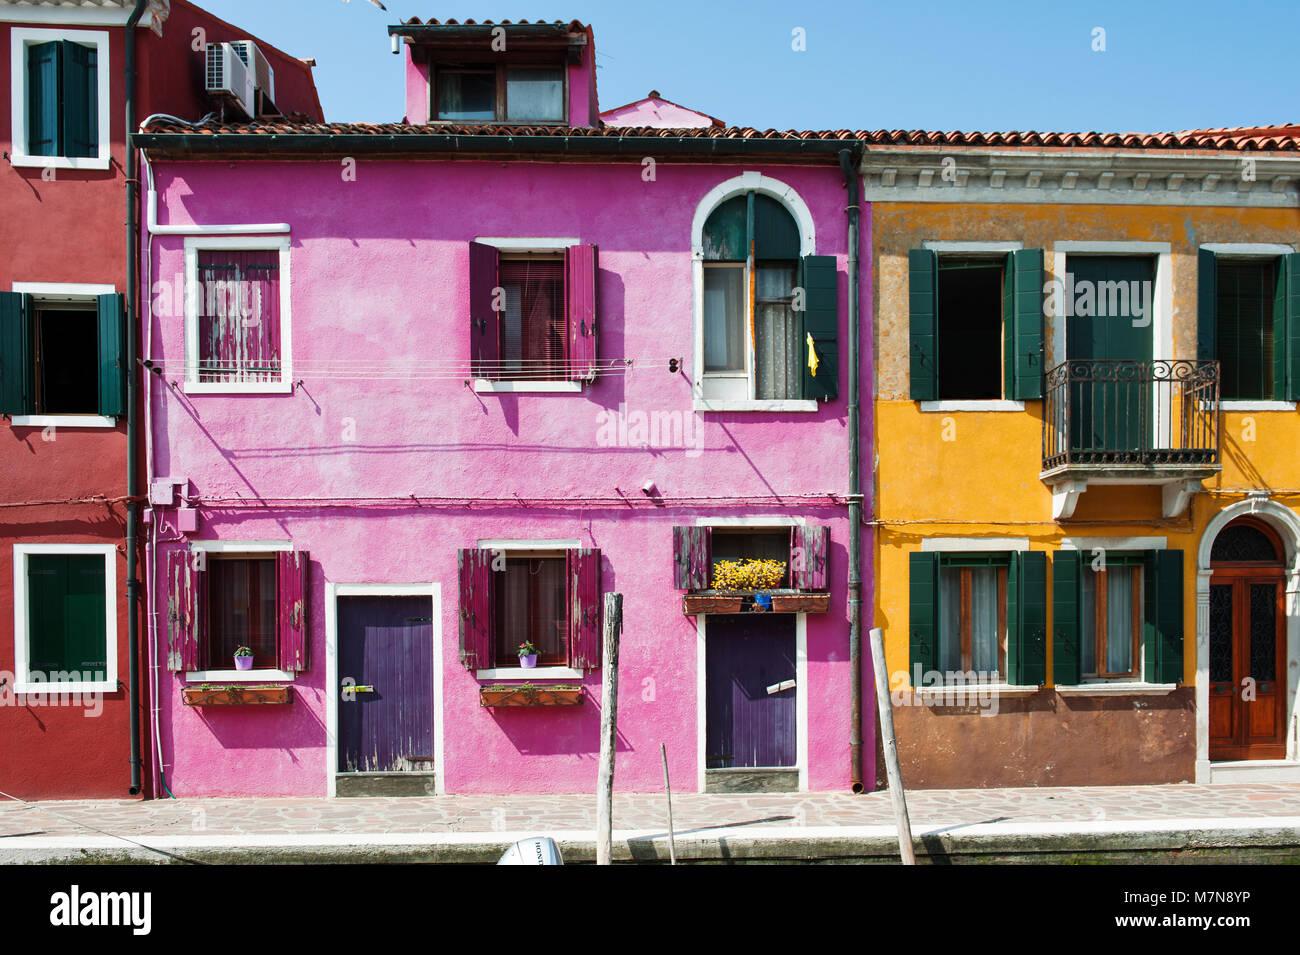 Maisons colorées de Burano, l'île de Venise, Italie, Europe Photo Stock